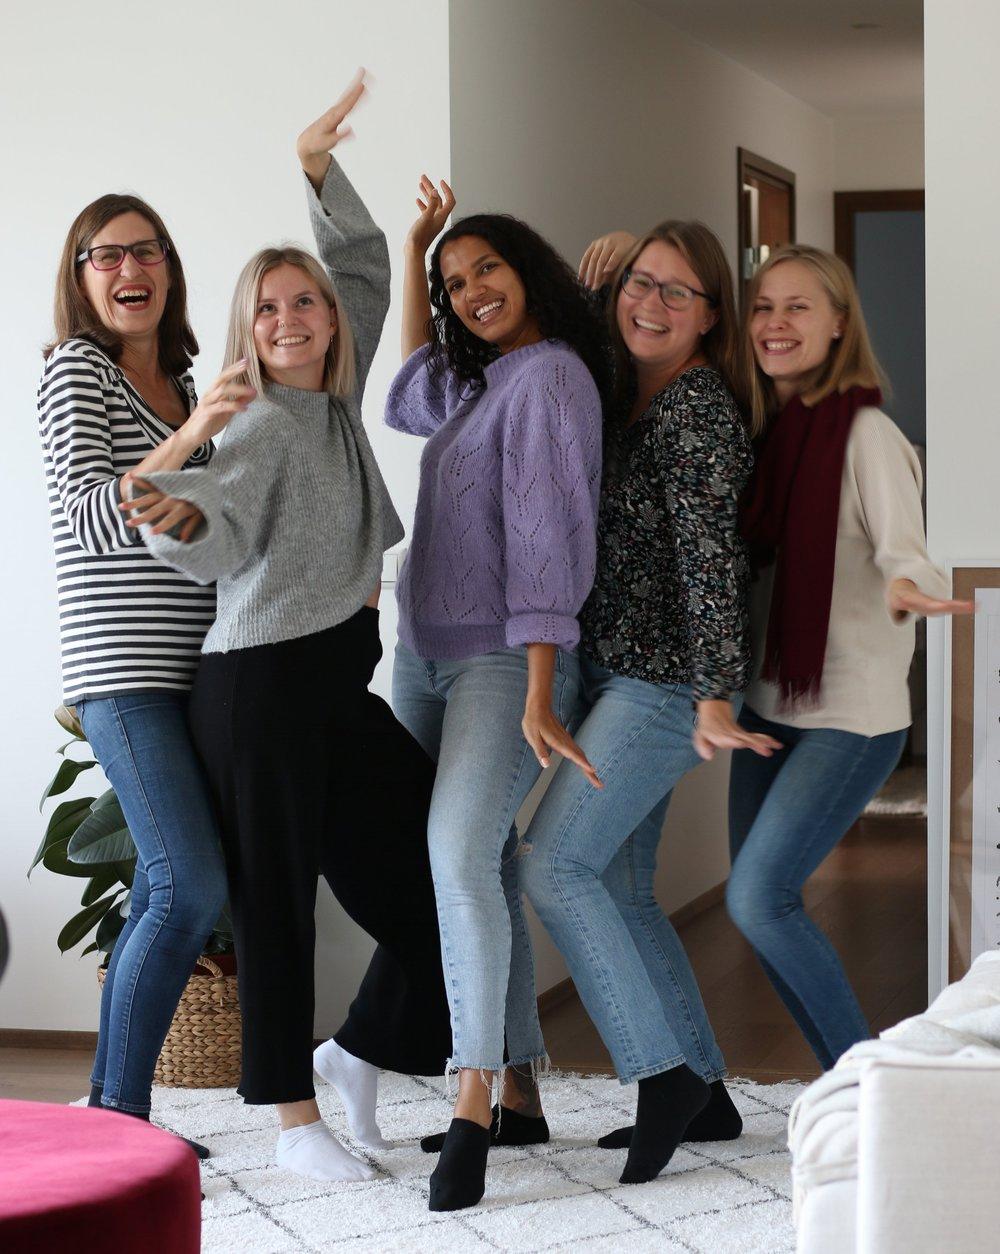 Joylla, positiivinen psykologia, sosiaalinen media, instagram, Lenita Lehtonen, Josetta Lehtonen, Adama Sofia, Paulina Piippo ja Netta Lehtonen.